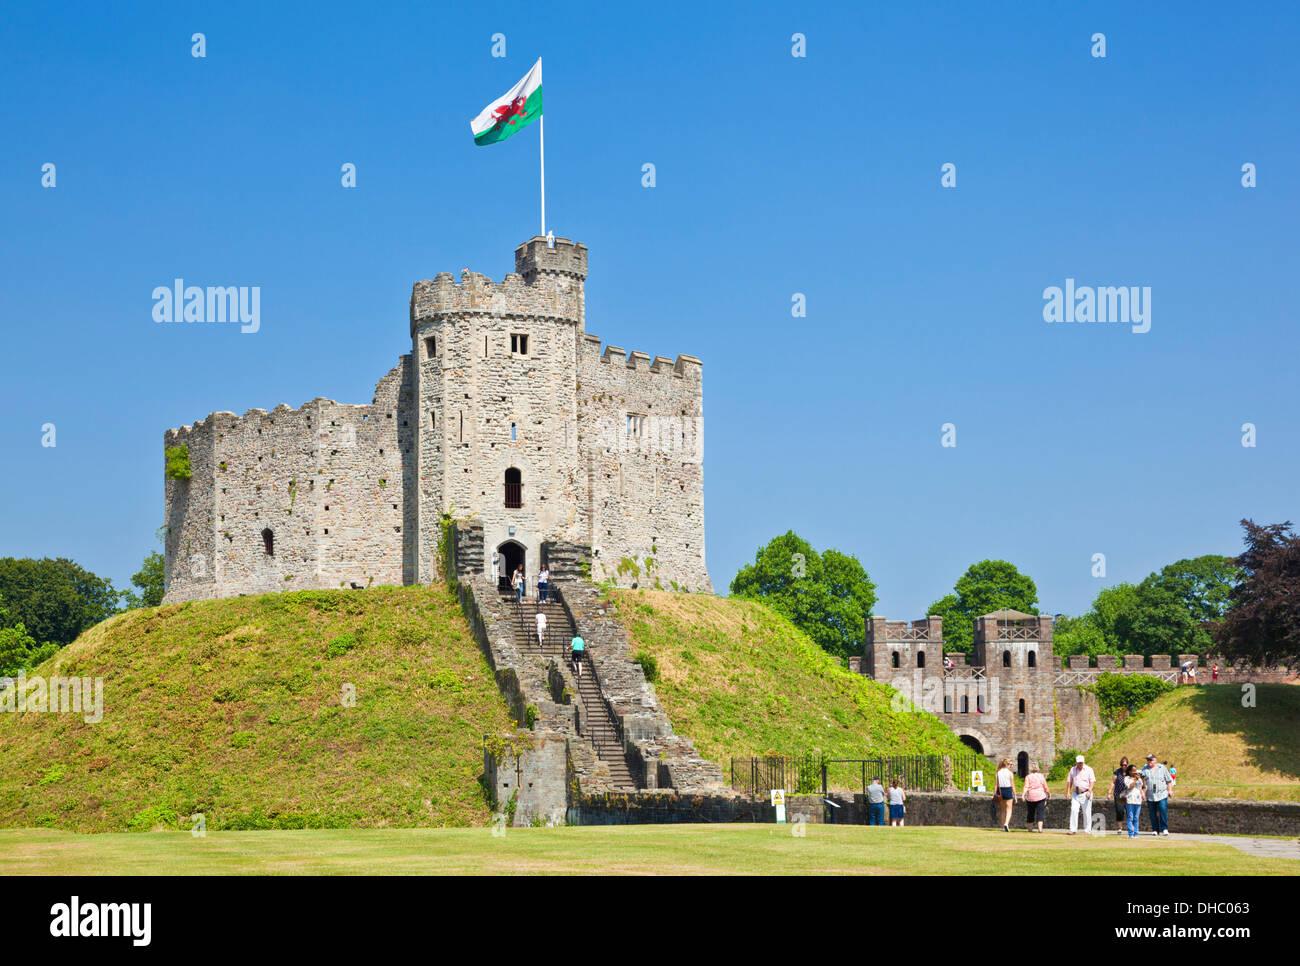 in der Begründung des Cardiff Castle mit Norman Keep Flagge die walisischen Cardiff South Glamorgan Wales Großbritannien GB EU Europa Stockbild